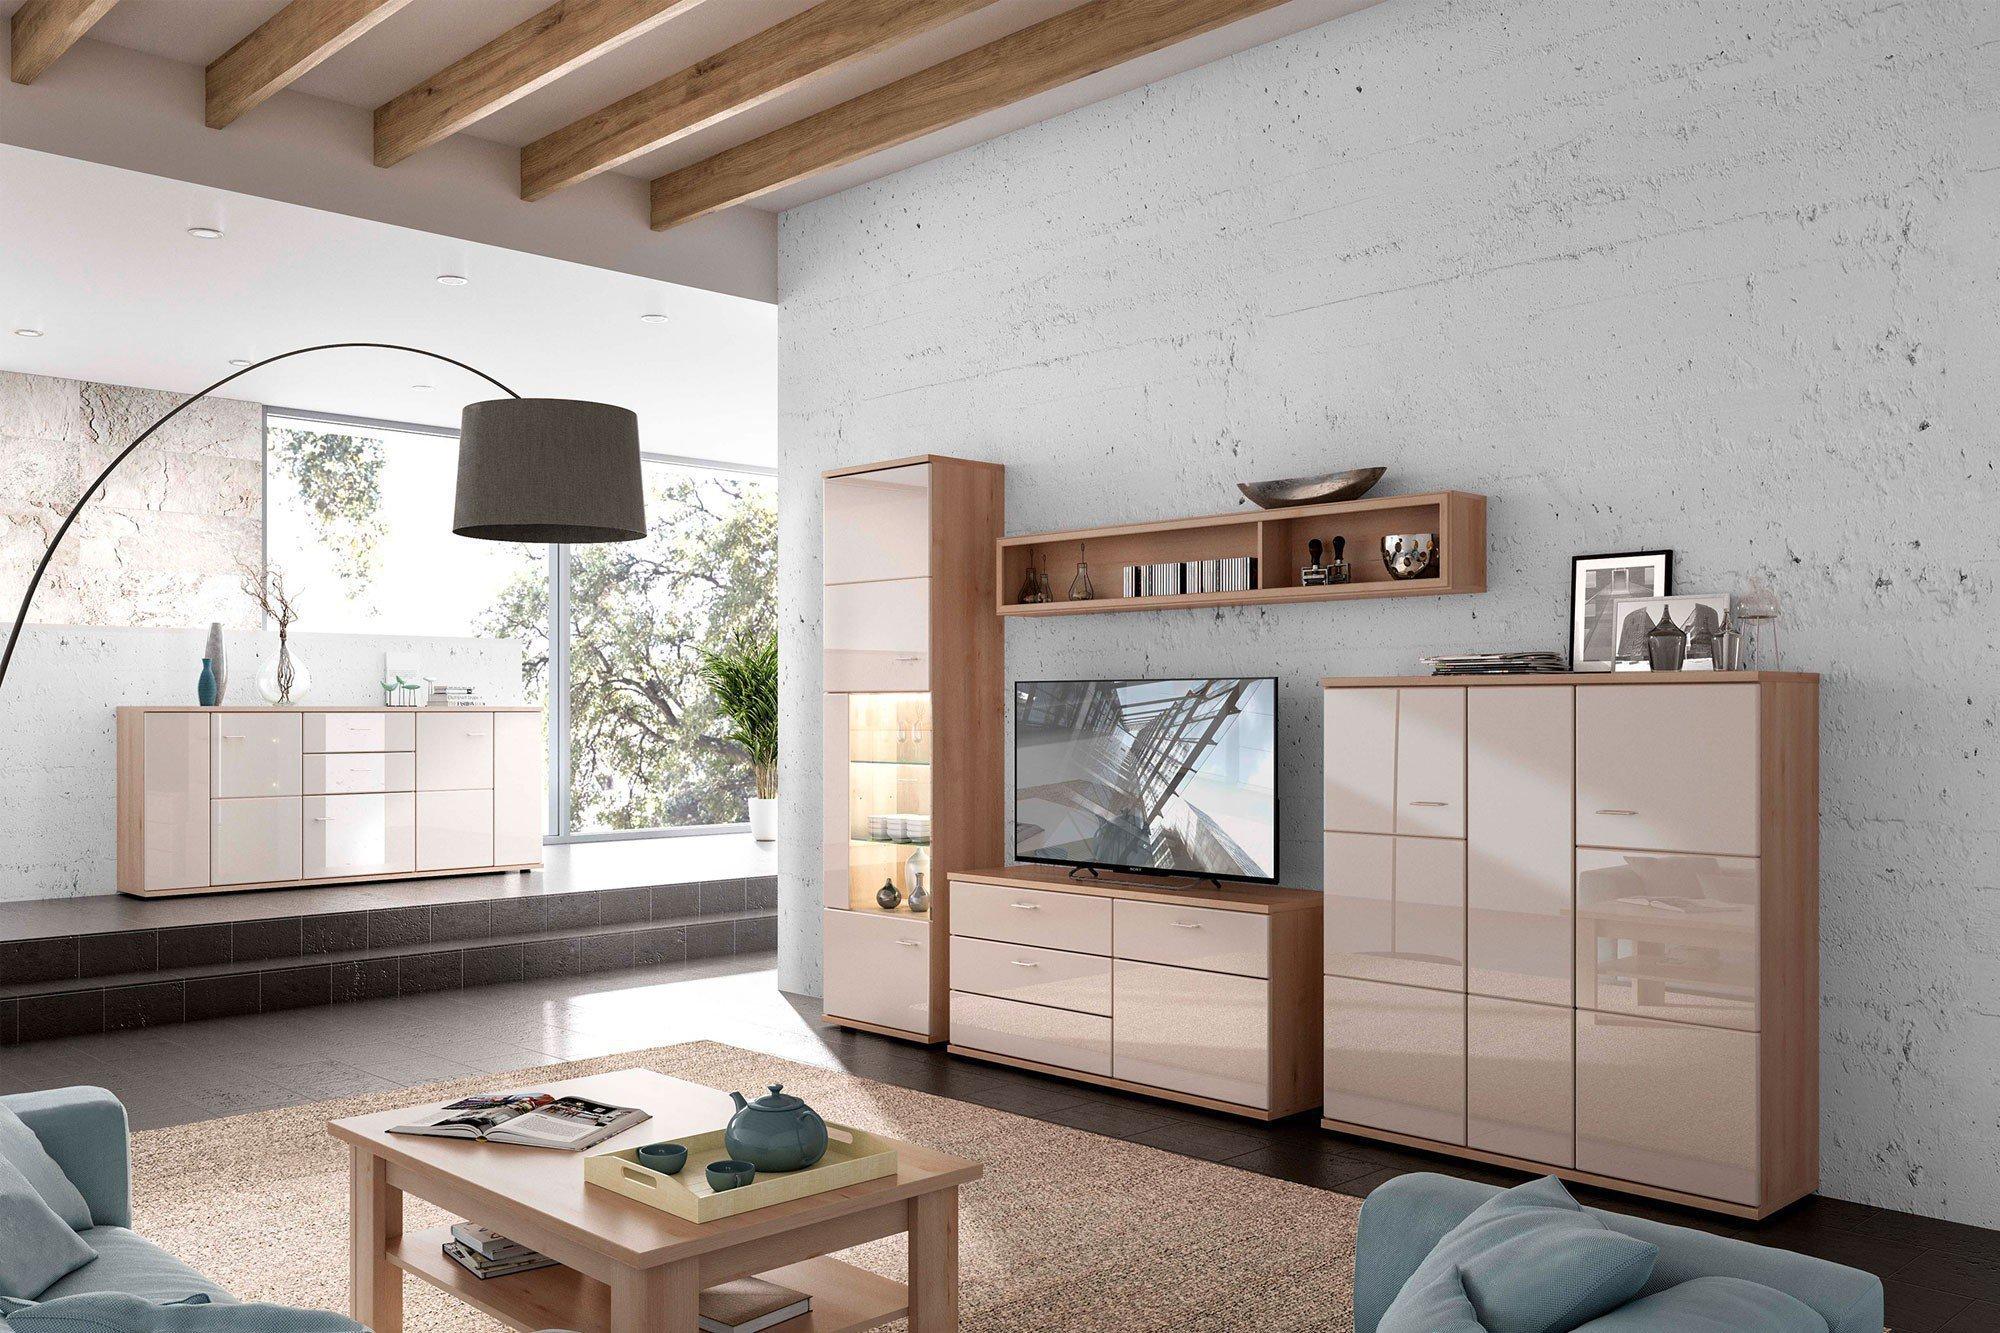 Stralsunder wohnwand largo eb 34504 naturbuche cappuccino m bel letz ihr online shop - Wohnwand cappuccino ...